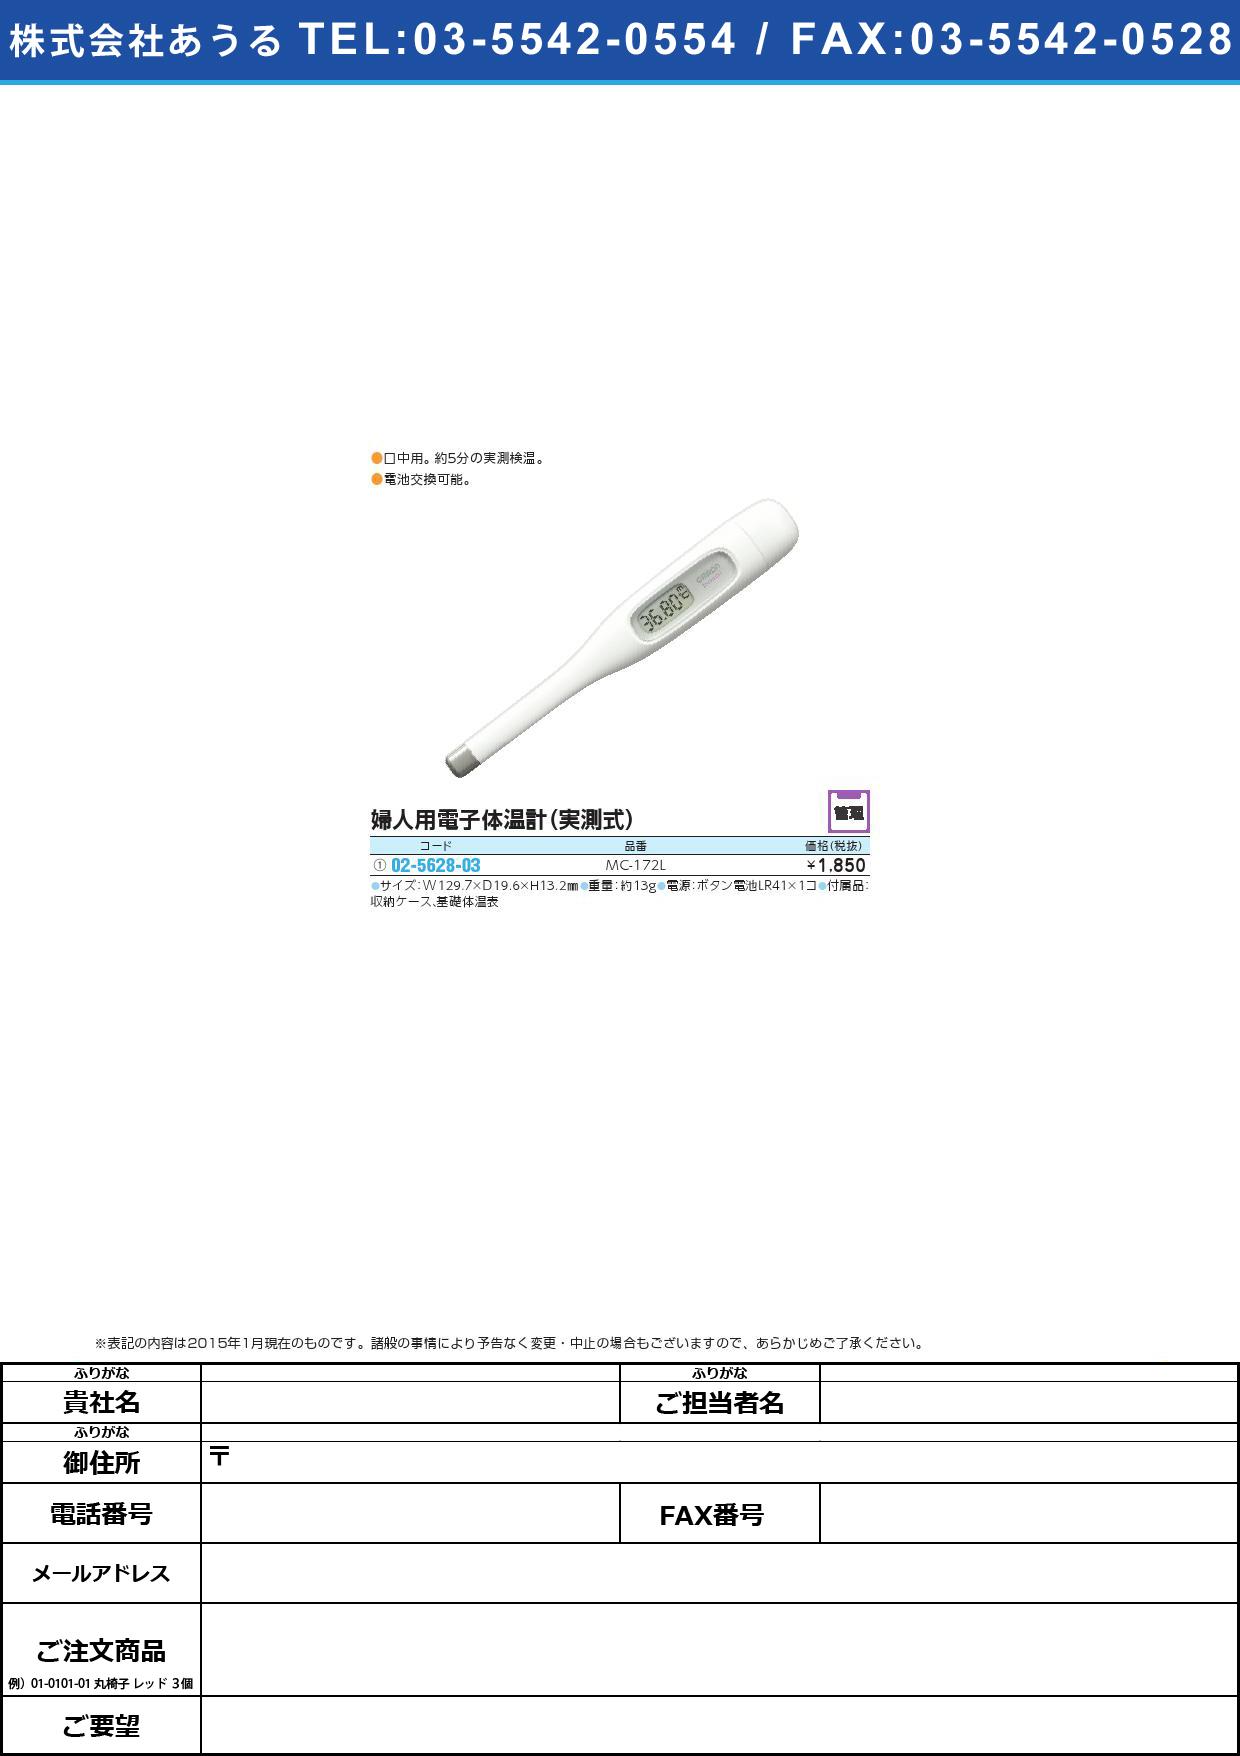 電子体温計 けんおんくん デンシタイオンケイケンオンクン MC-172L【1本単位】(02-5628-03)